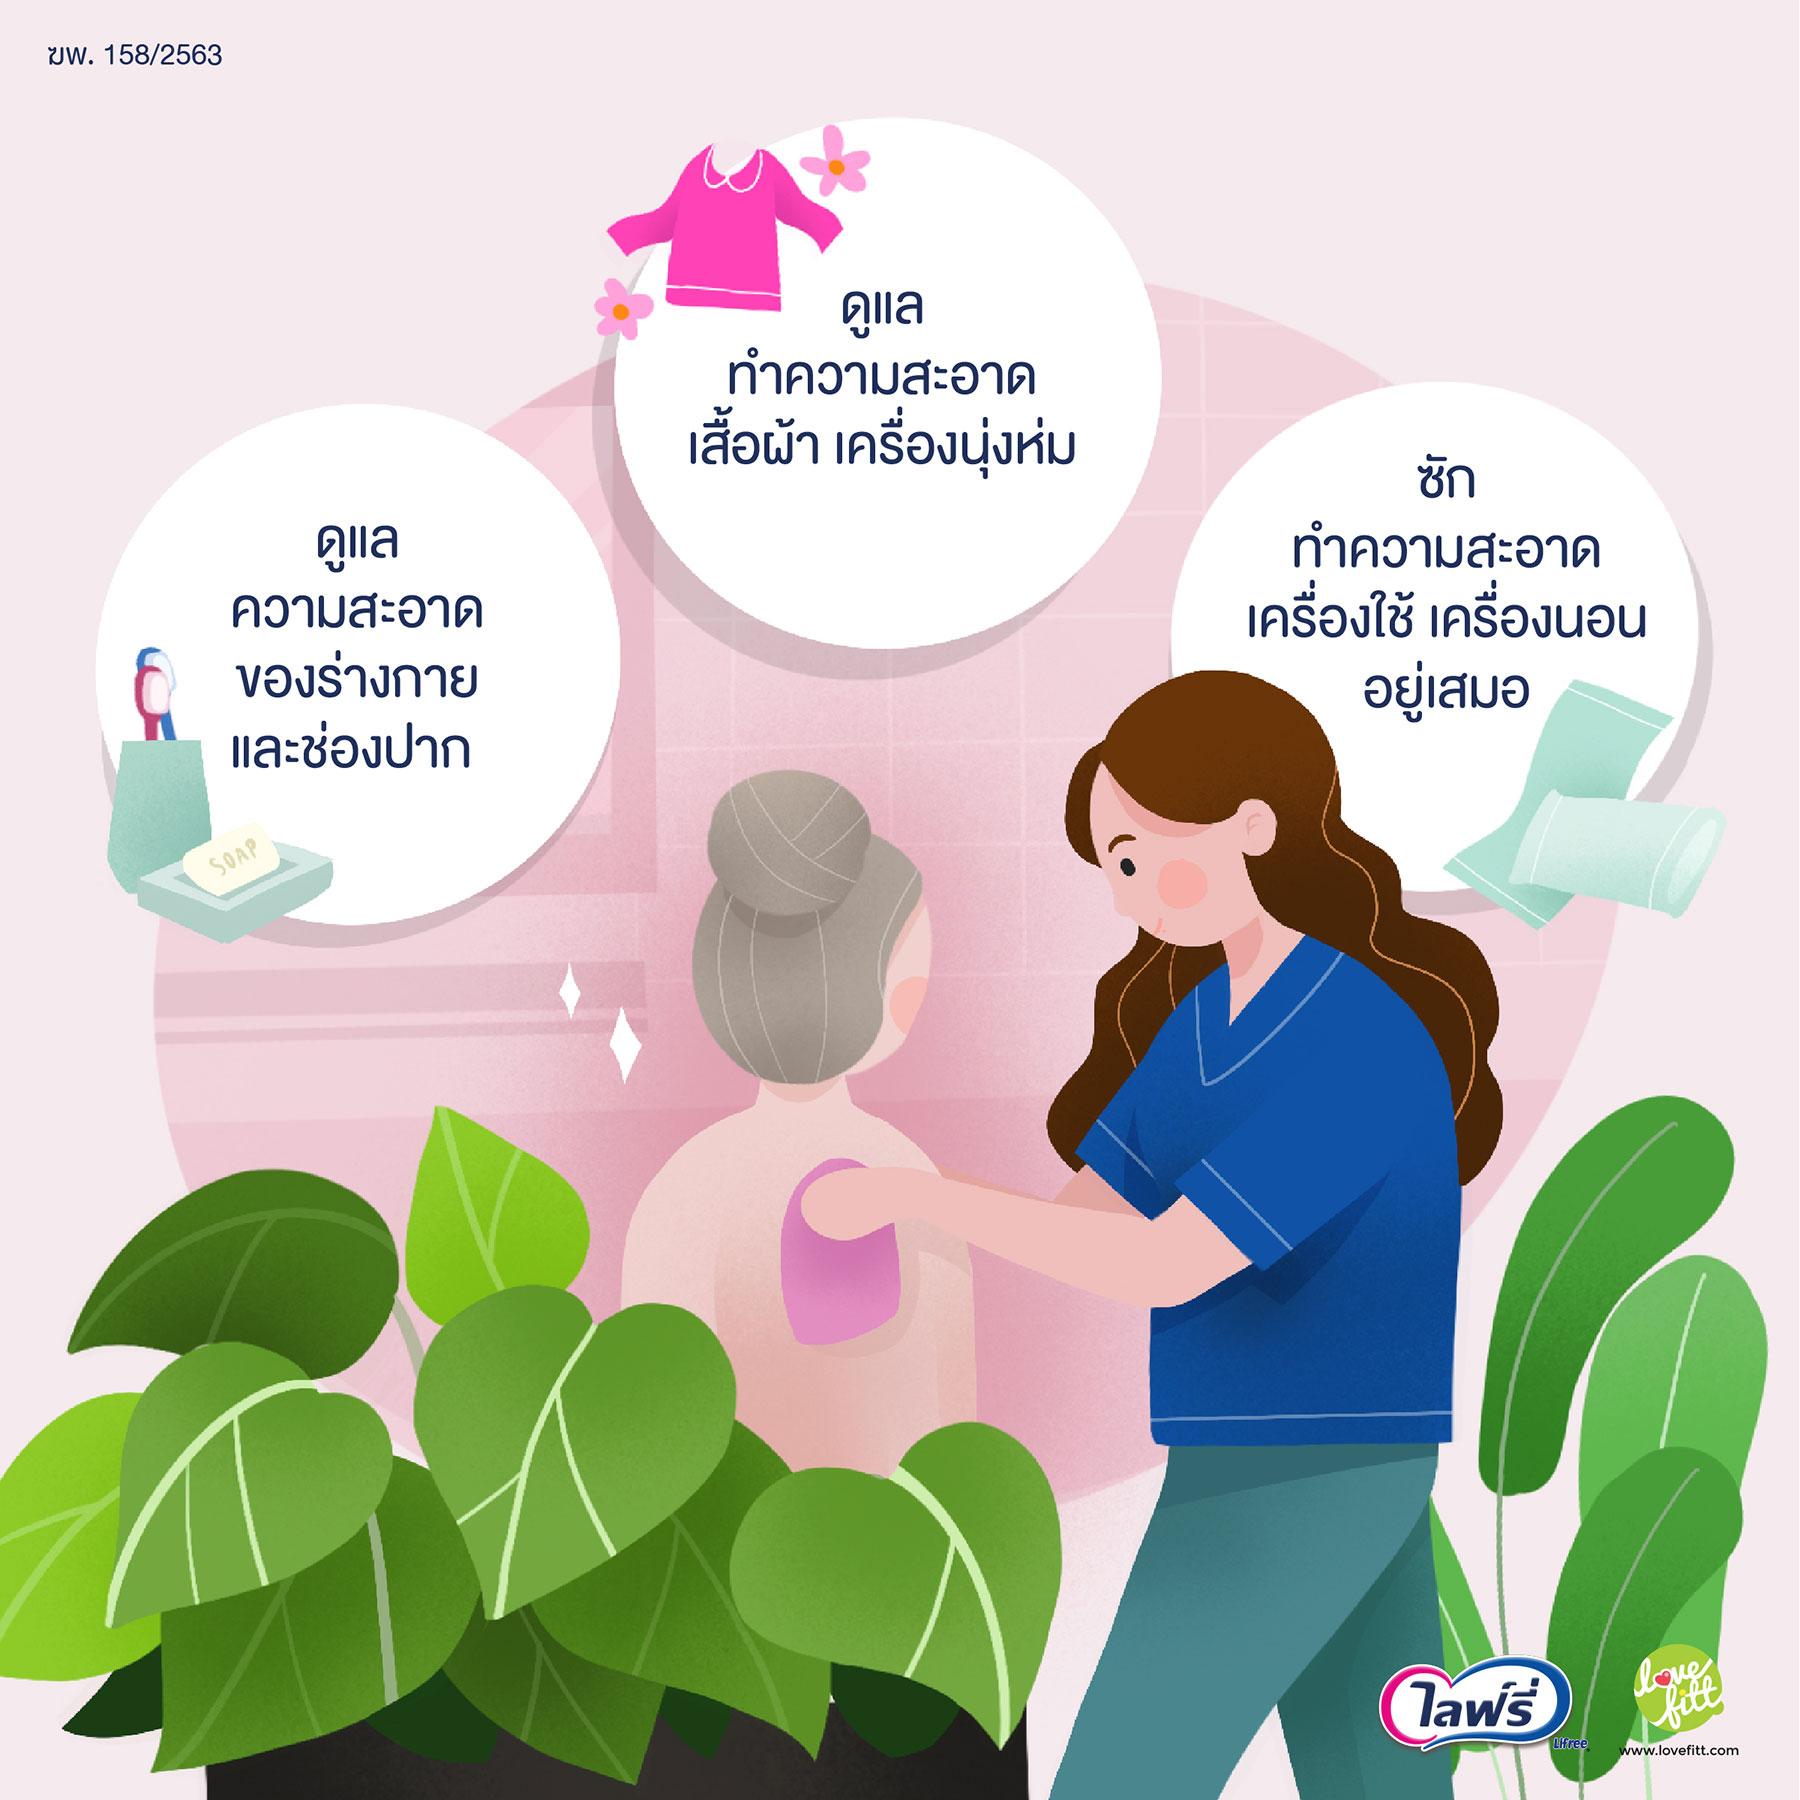 สุขภาพอนามัยดี ความสะอาดช่วยลดโรคภัย